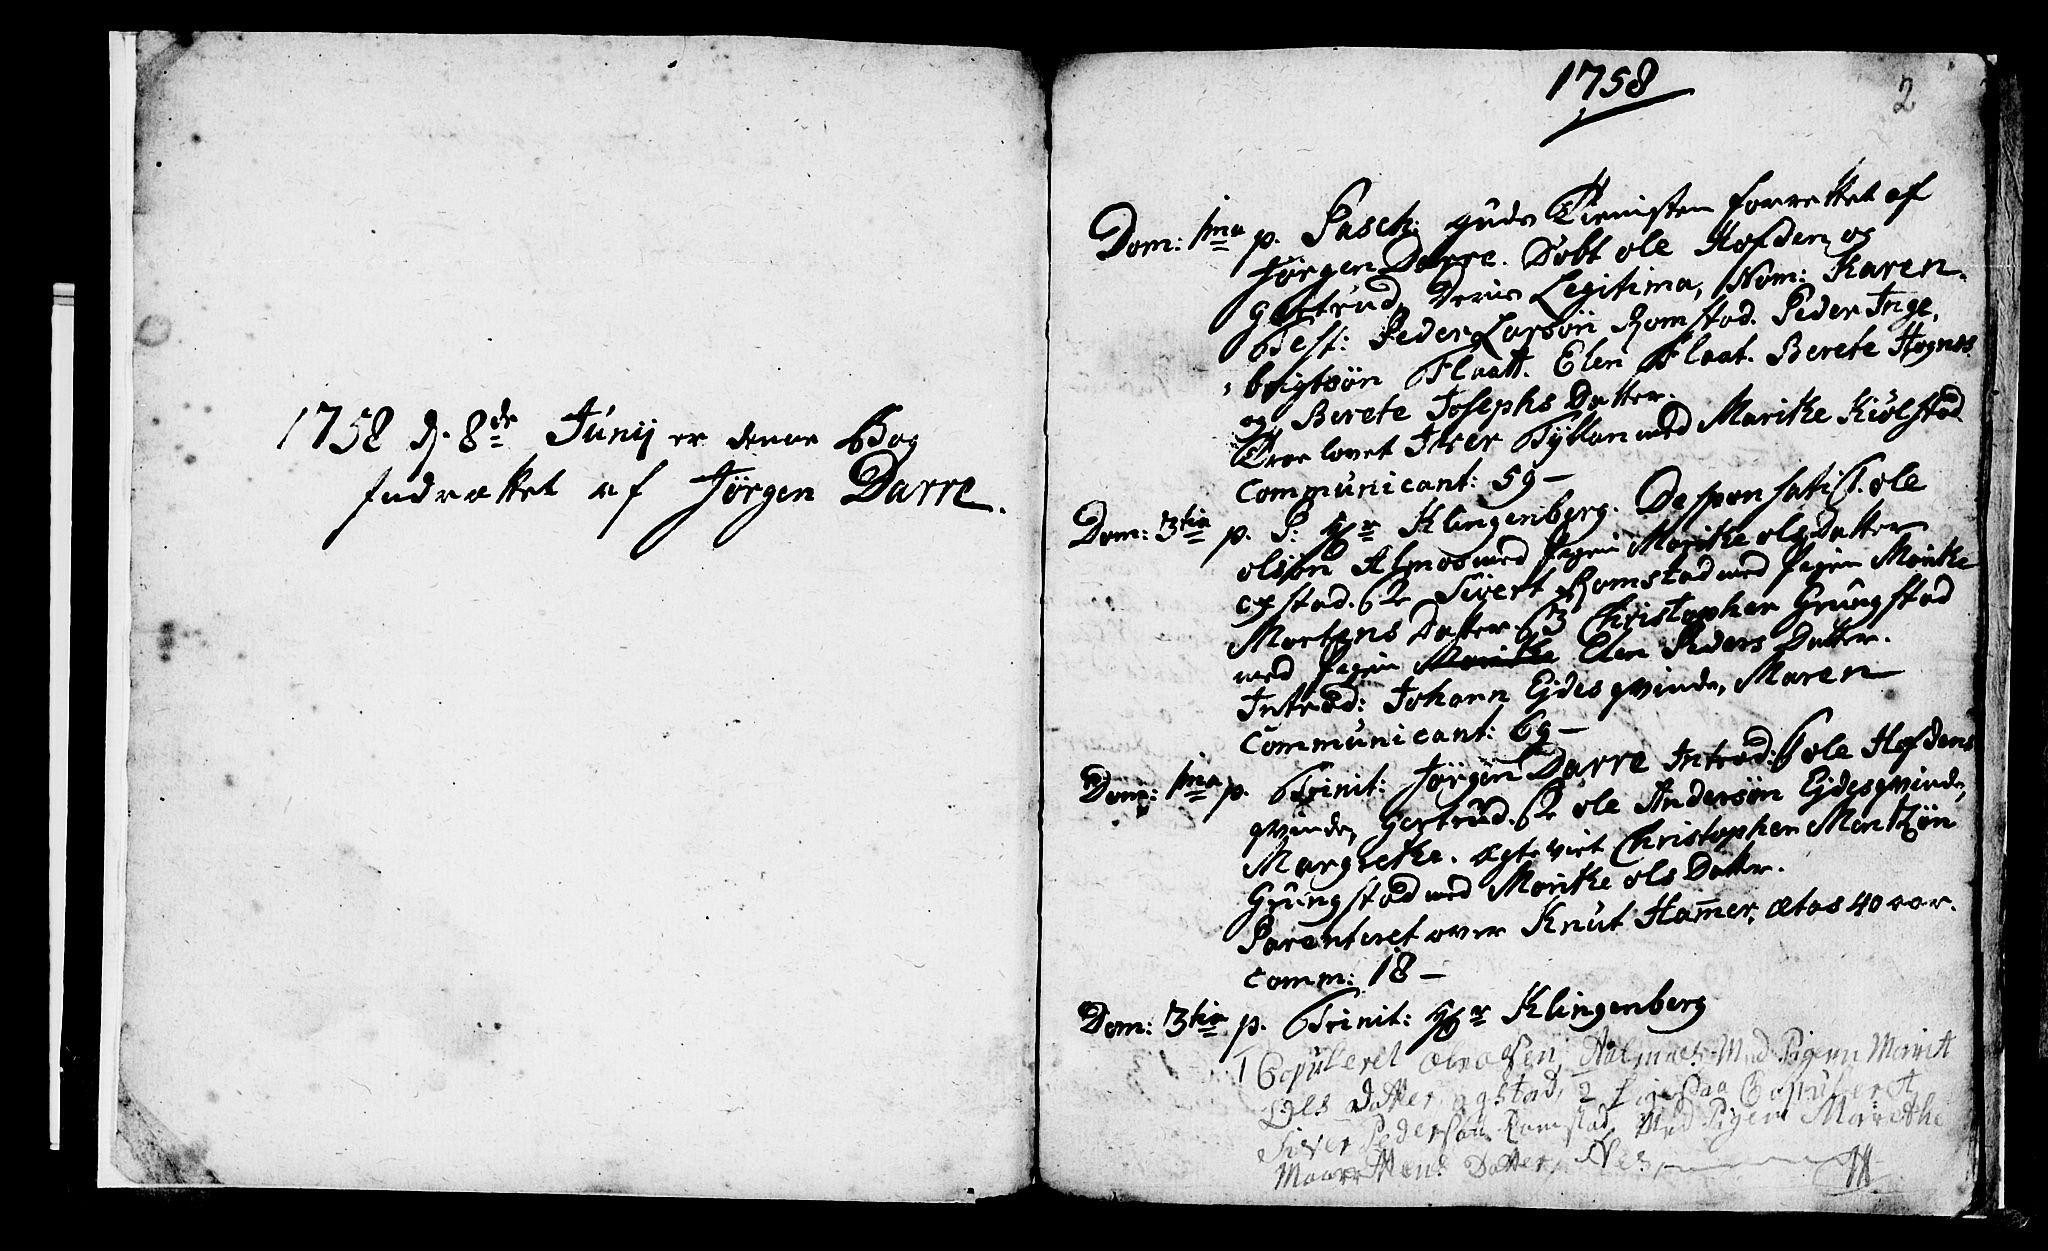 SAT, Ministerialprotokoller, klokkerbøker og fødselsregistre - Nord-Trøndelag, 765/L0561: Ministerialbok nr. 765A02, 1758-1765, s. 2